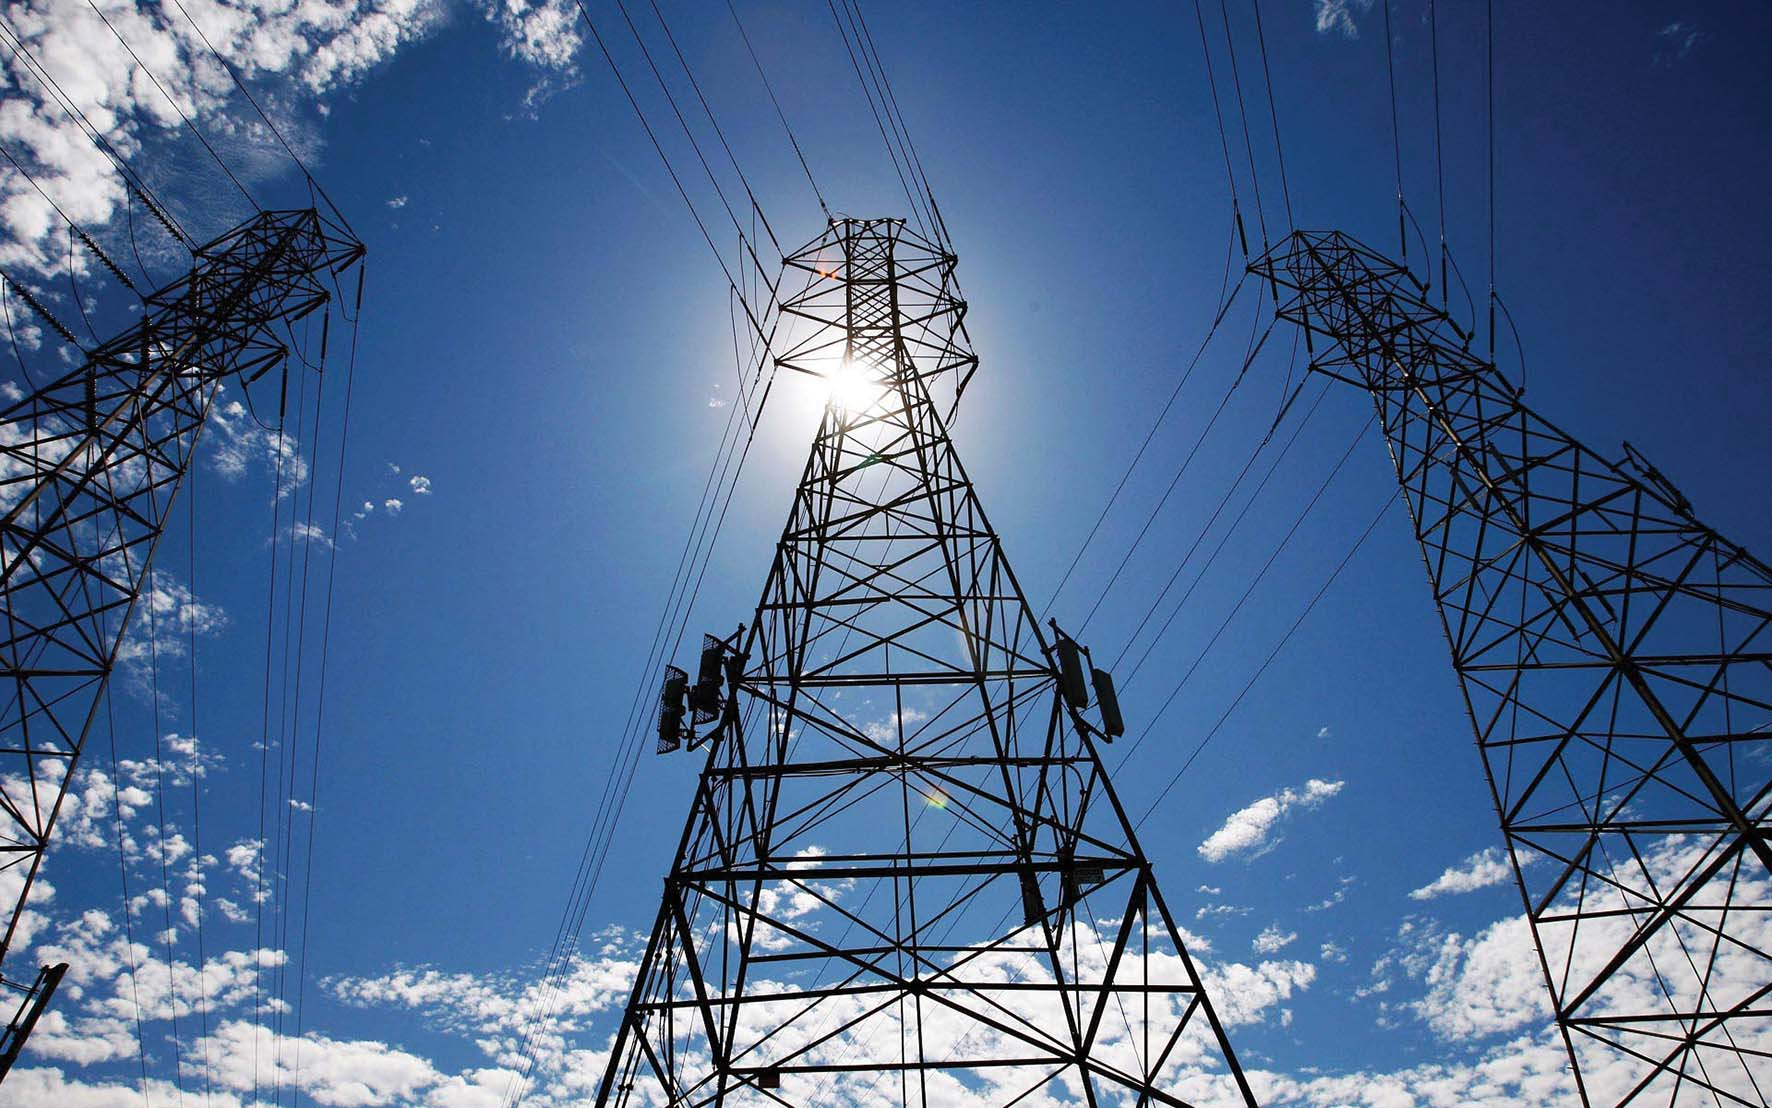 elettrodotti tralicci energia